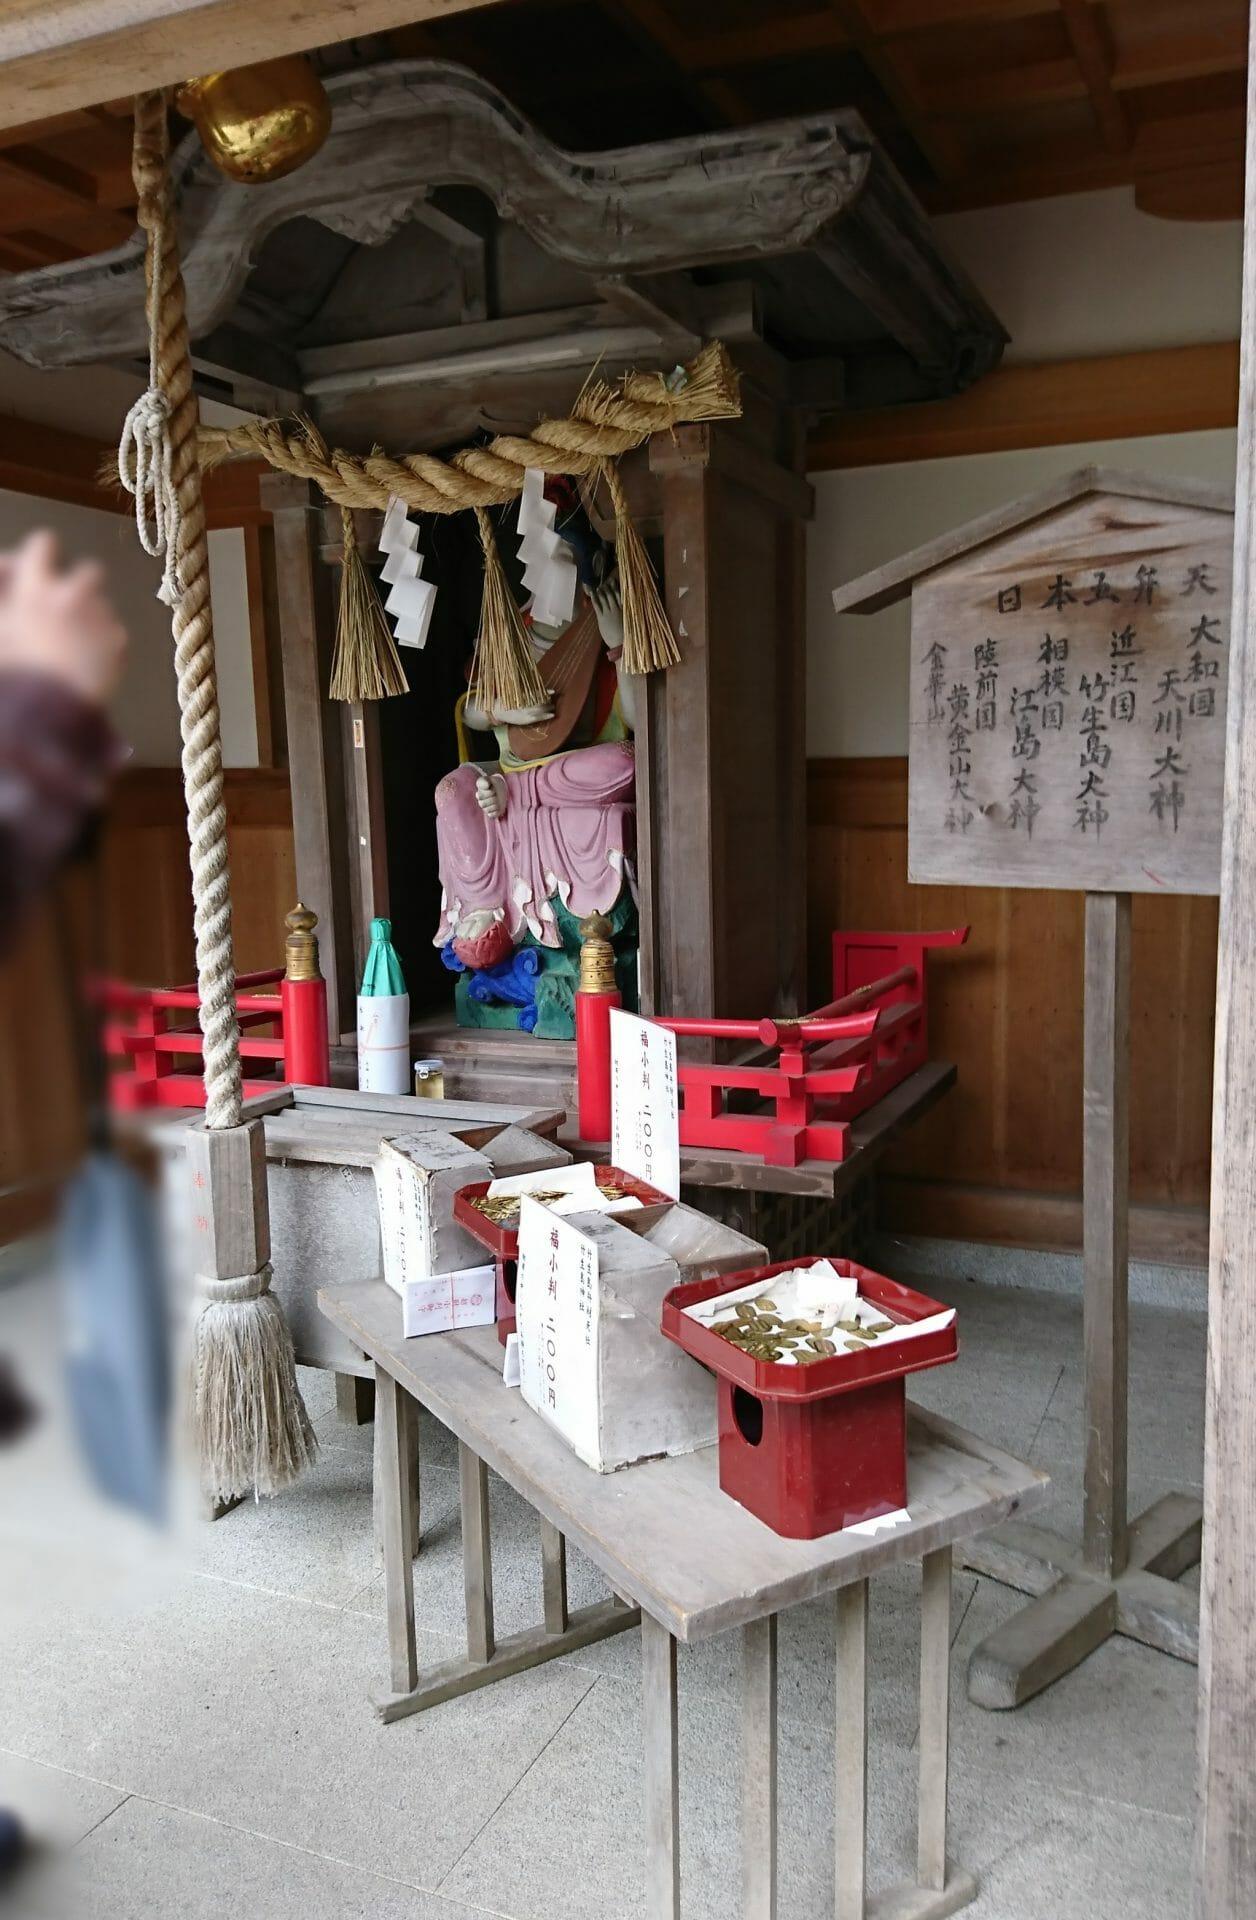 竹生島の都久夫須麻神社にいらっしゃる弁天様